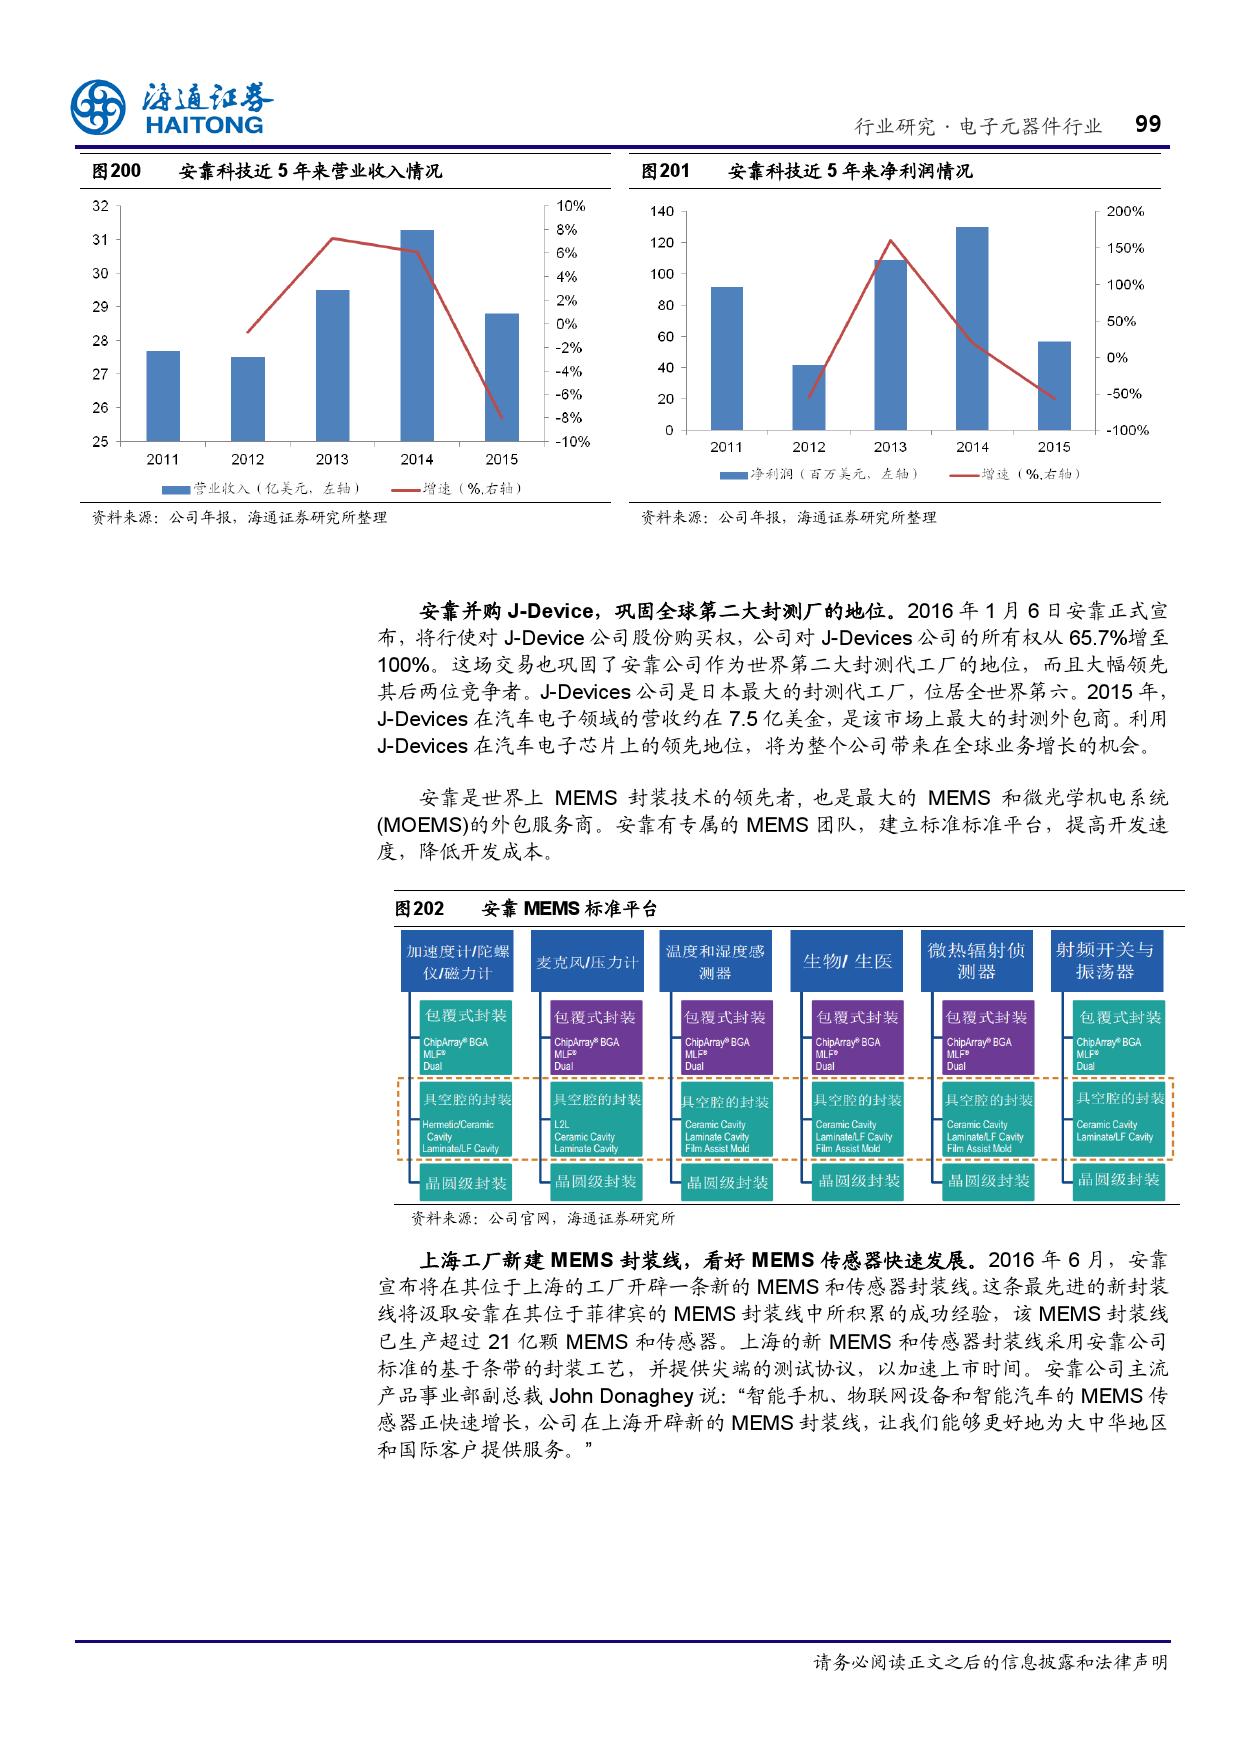 报告全解传感器全球产业链_000099